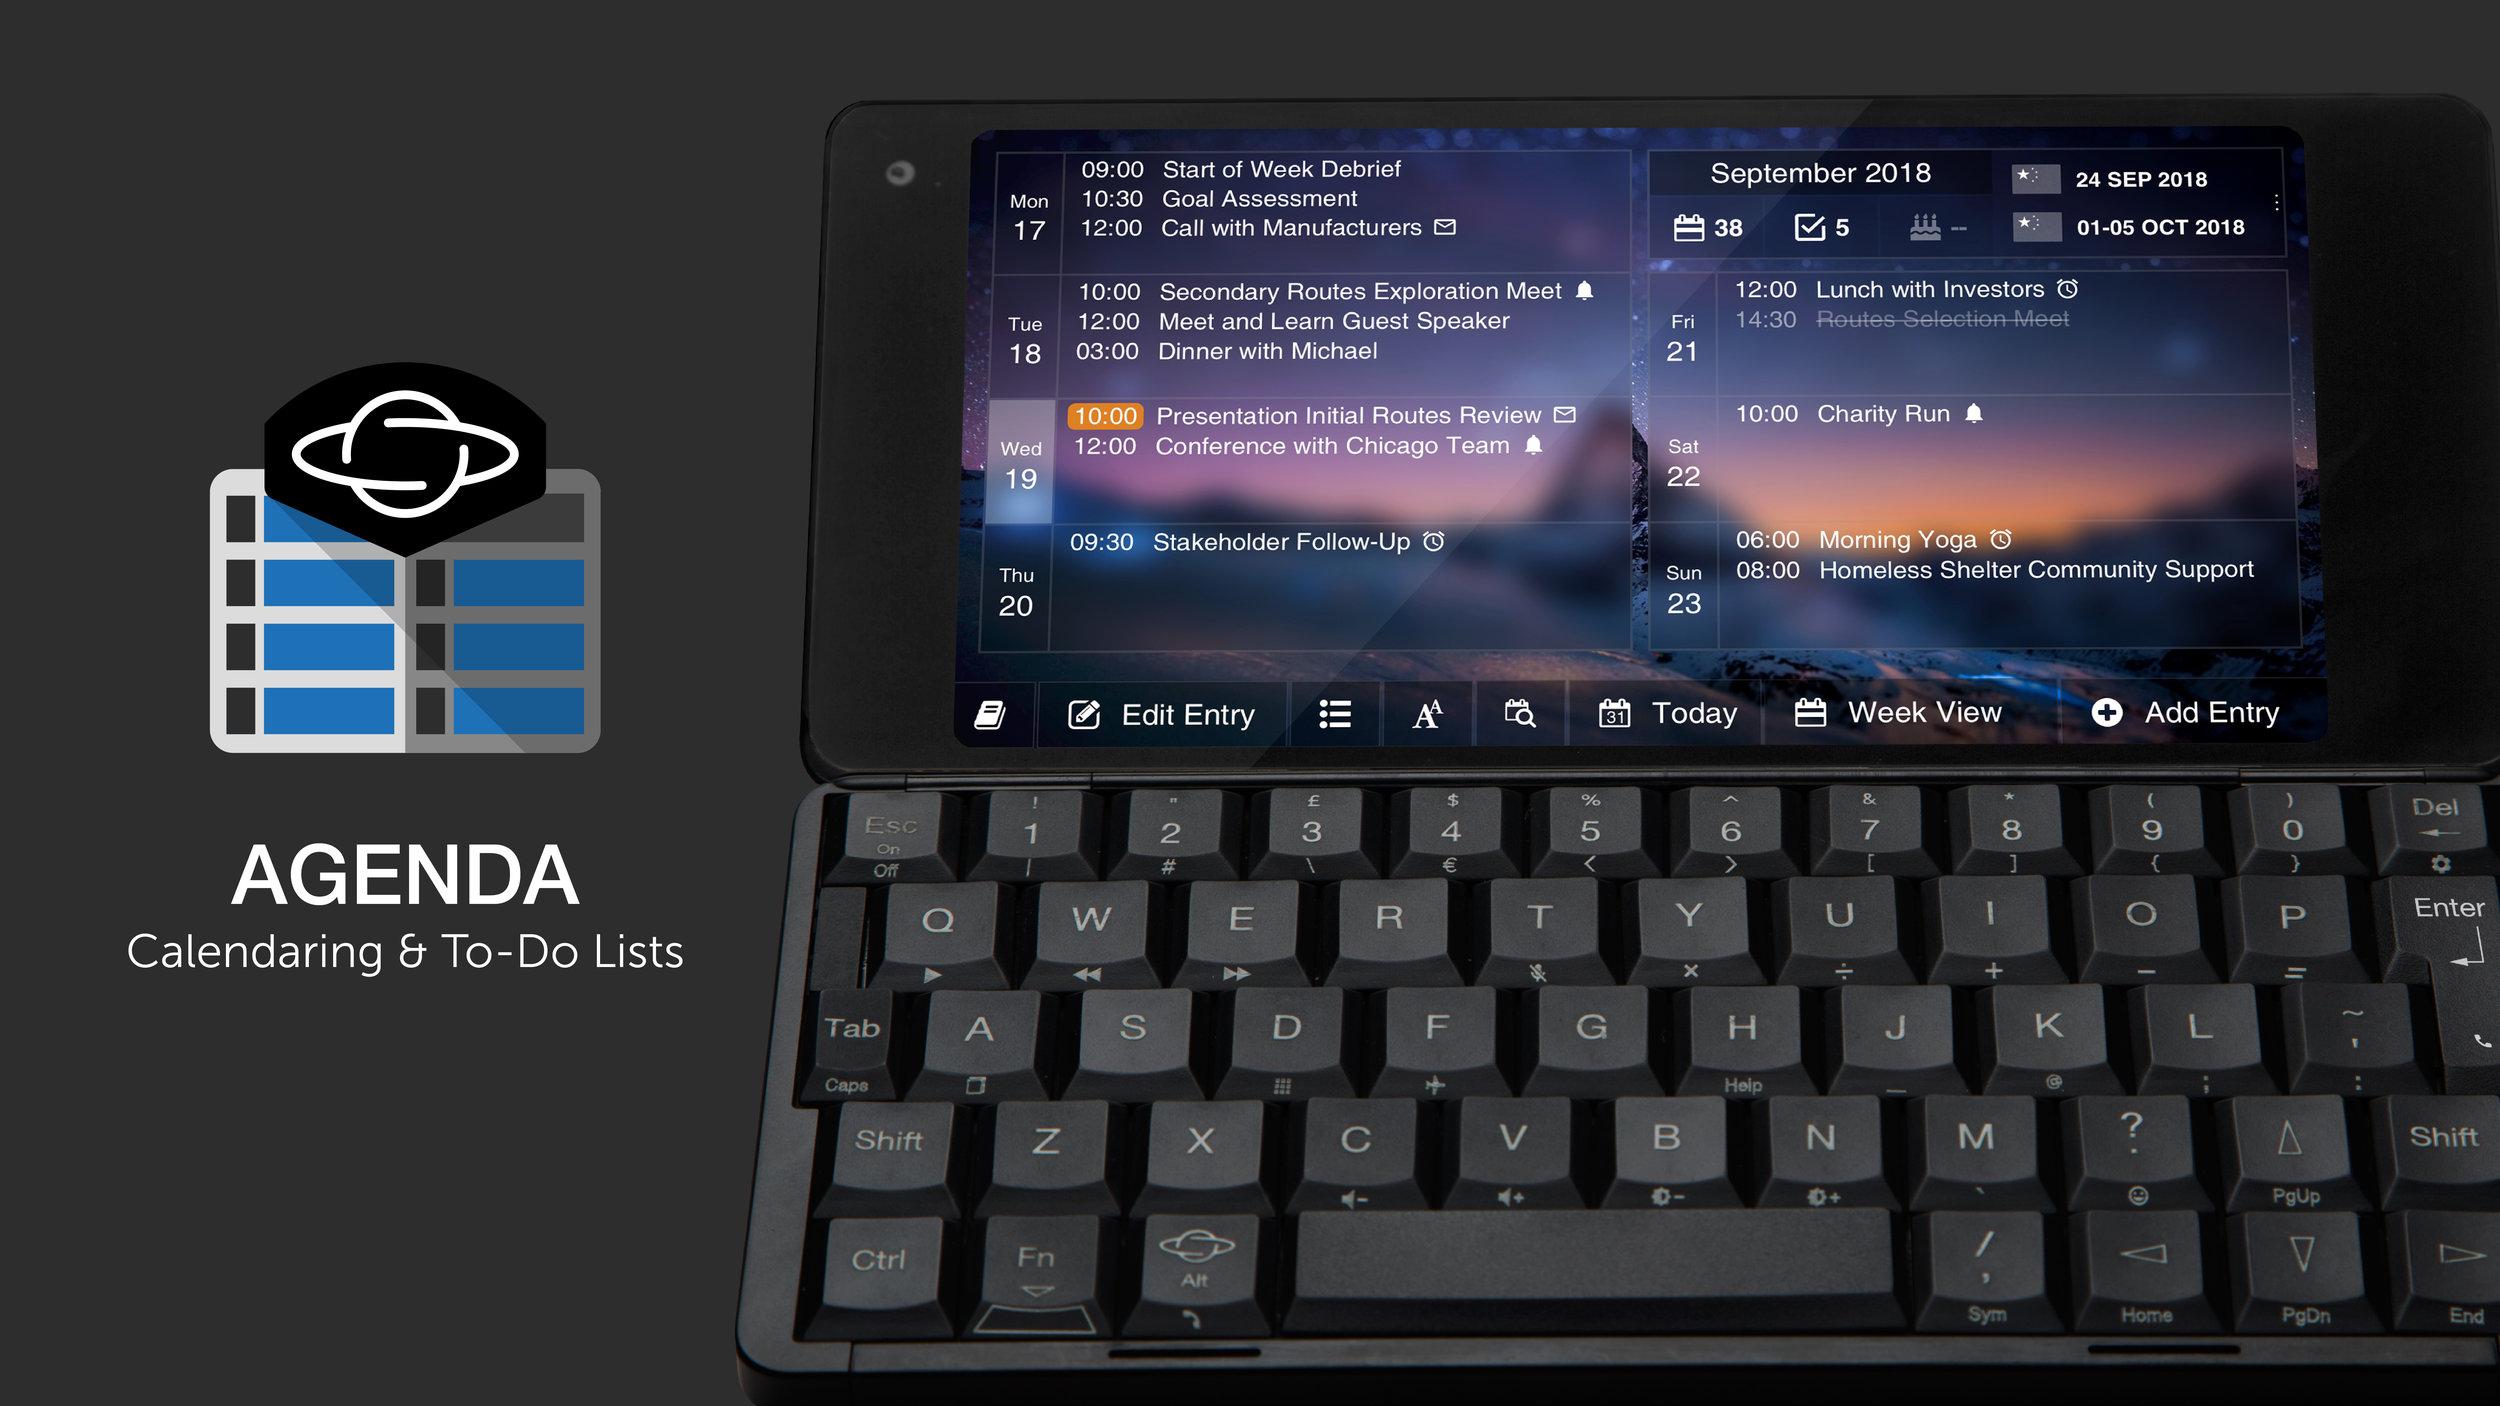 VideoAssets-Apps-Agenda-BG-Grey-01.jpg